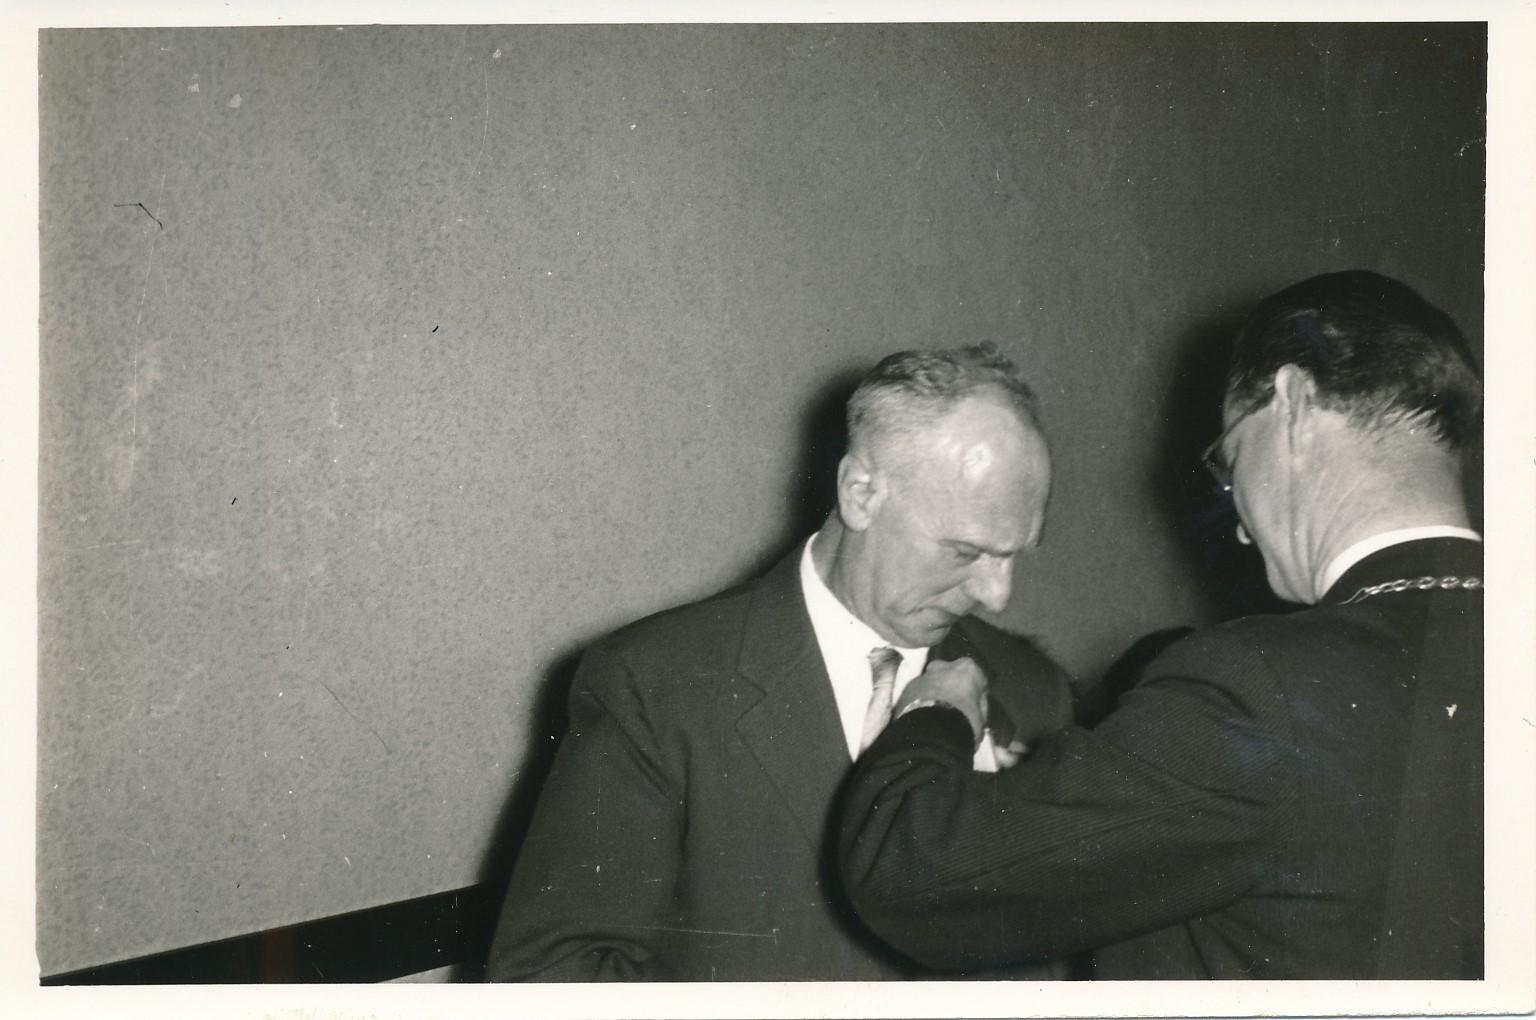 Fotoalbum Andre Kamsma, 092,21 april, 1958, Bauke Kamsma lid in de orde van Oranje Naussau